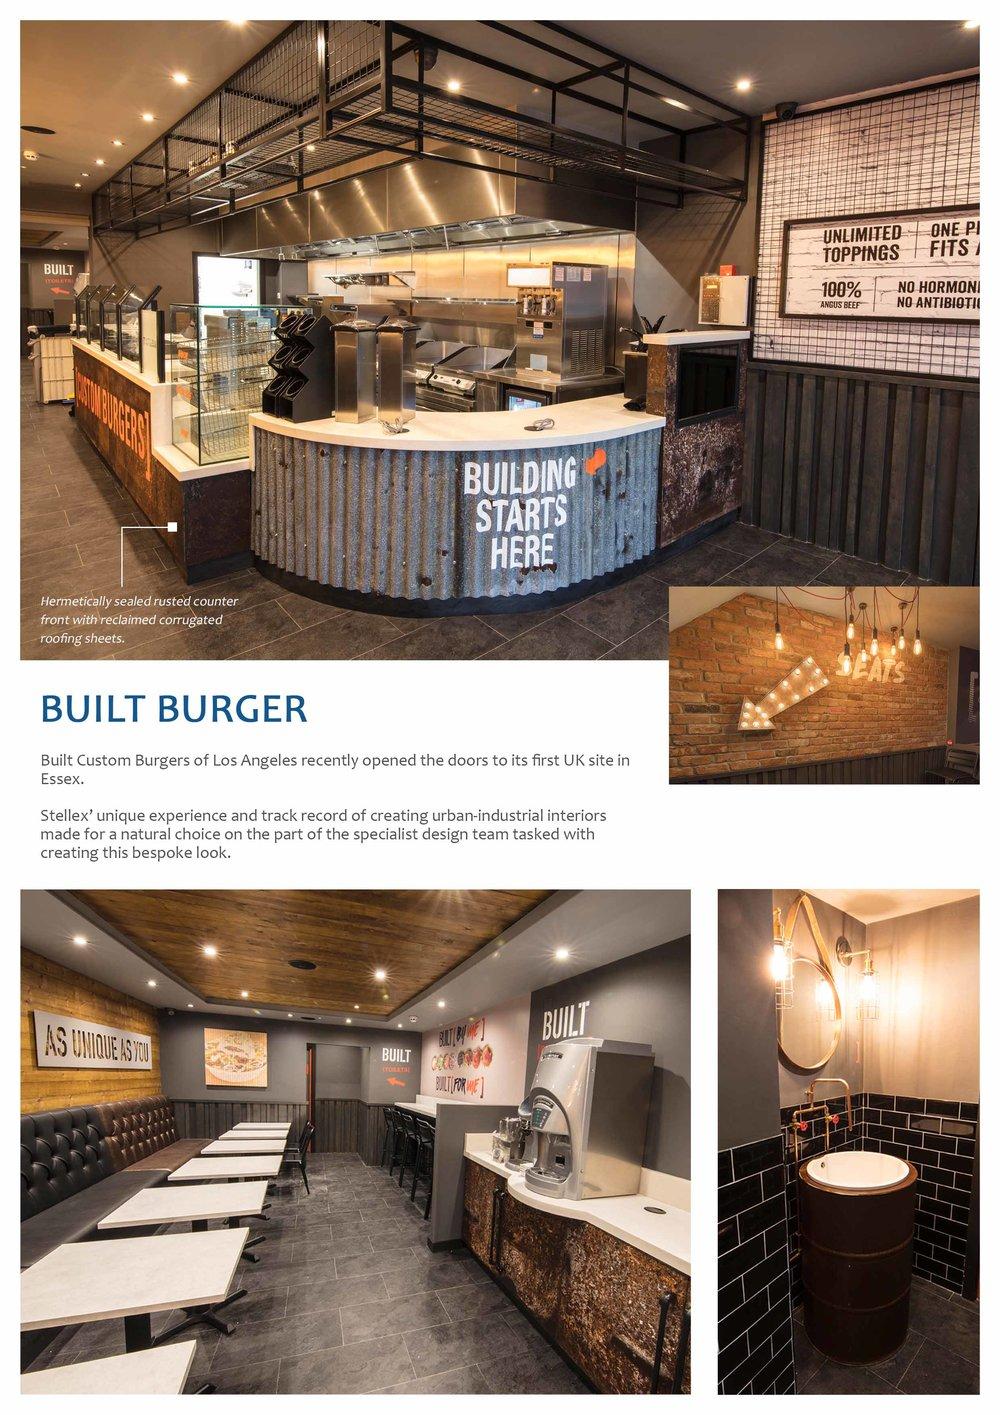 Bulit Burger 1 v2.jpg